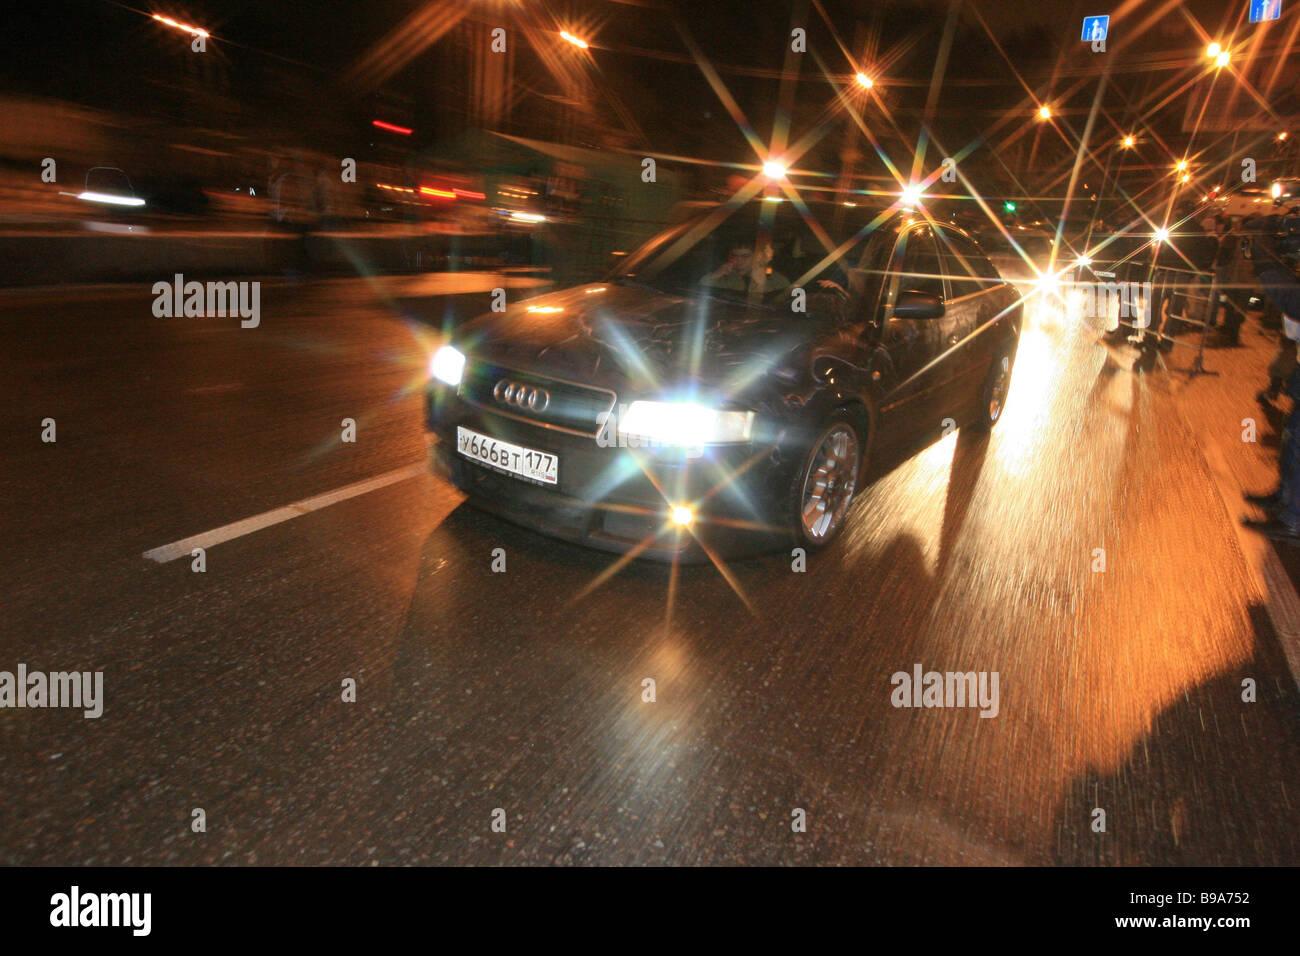 La première nuit de course moteur drag racing Bogorodskoye Shosse Moscow Photo Stock